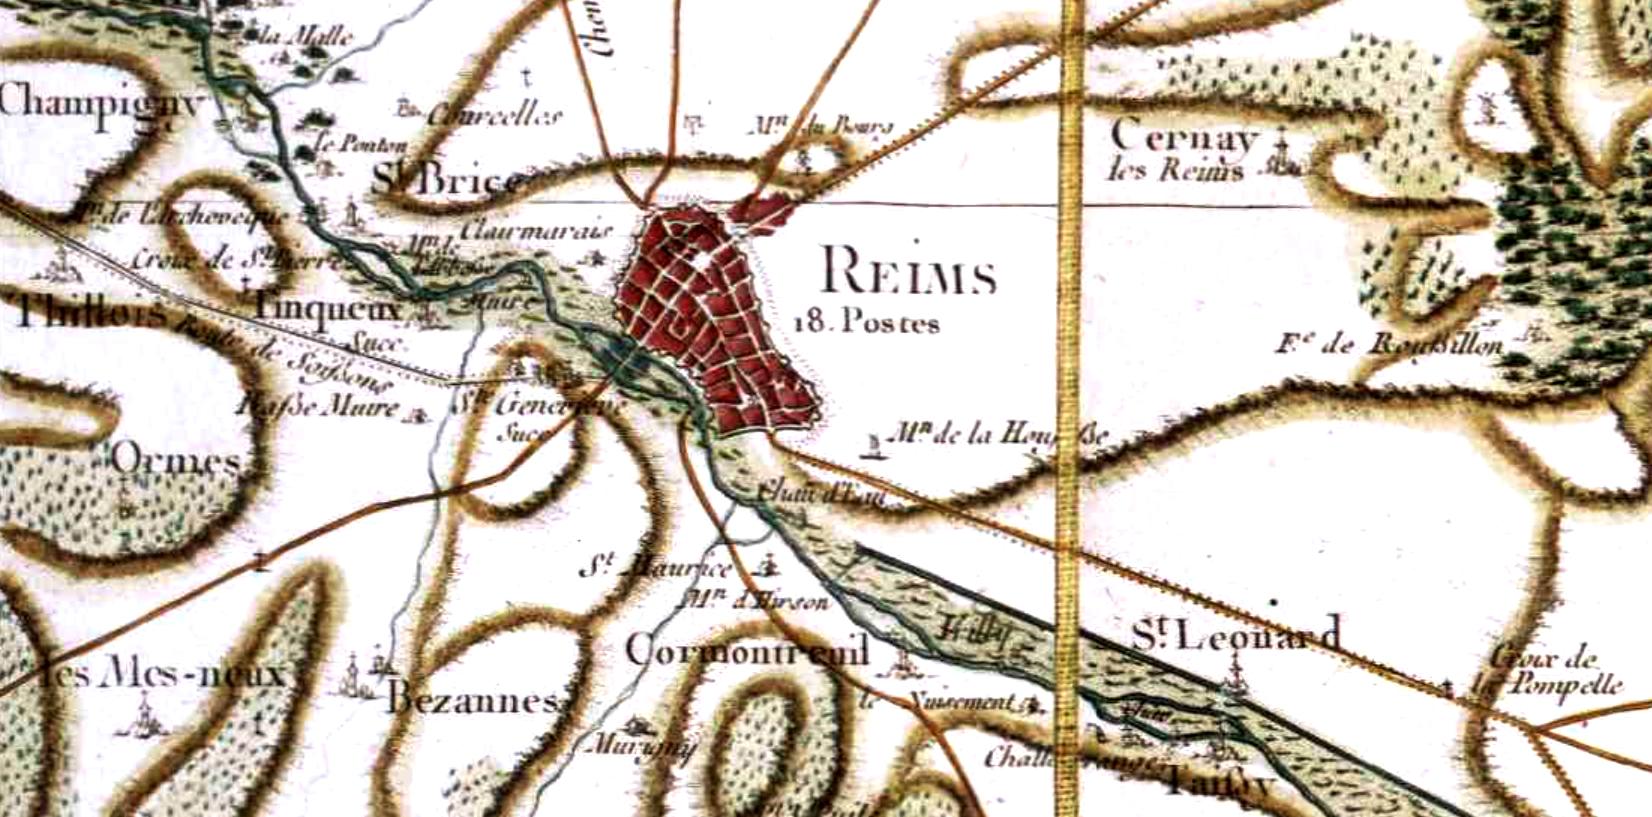 Reims 51 cassini